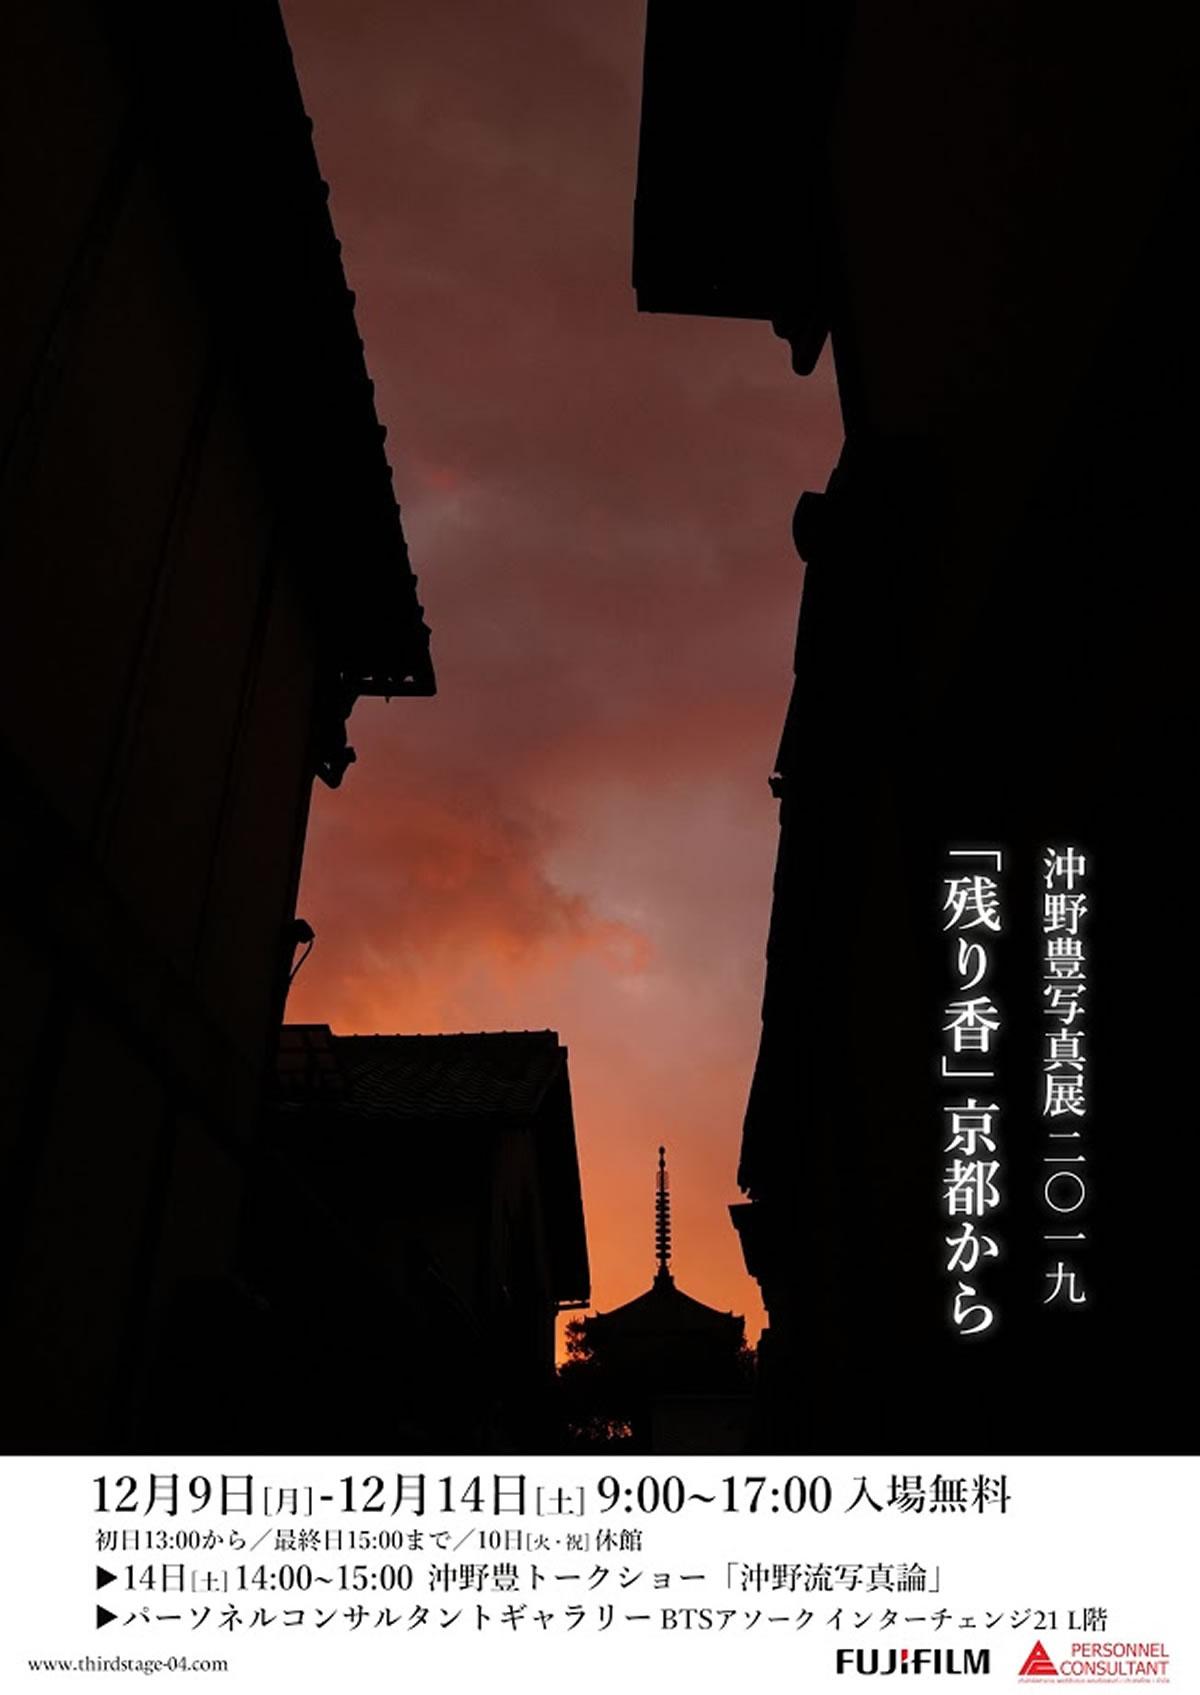 沖野豊写真展2019『「残り香」京都から』がバンコクで開催